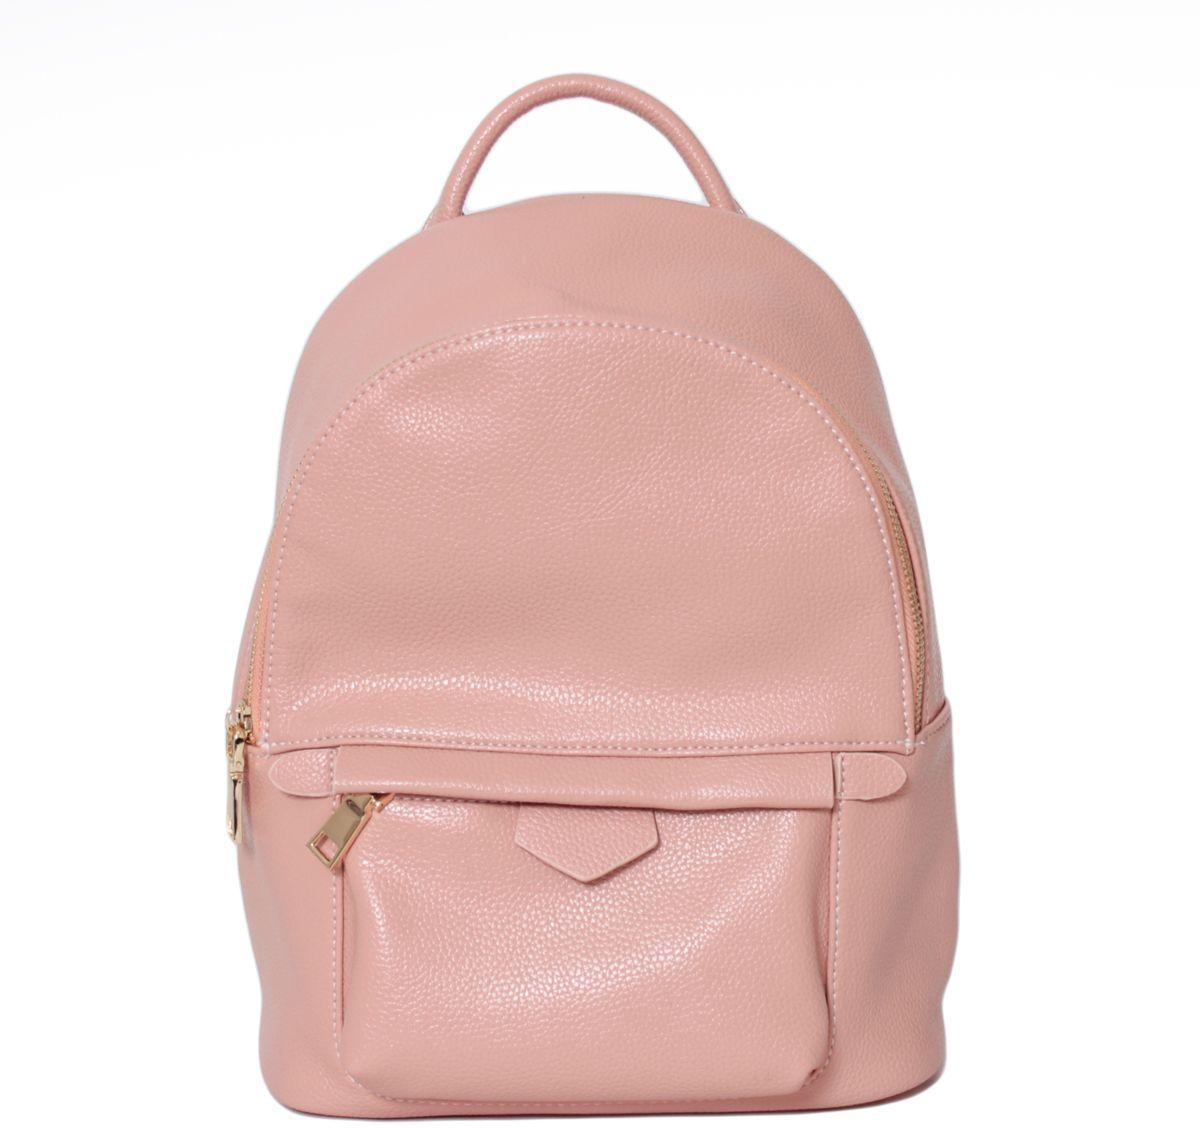 Рюкзак женский Flioraj, цвет: персиковый. 21382138 orangeРюкзак Flioraj выполнен из высококачественной искусственной кожи. Изделие оснащено ручкой для подвешивания и удобными лямками. На лицевой стороне расположен карман на молнии. Рюкзак закрывается на молнию. Внутри расположено главное вместительное отделение, которое содержит один небольшой карман на молнии и один открытый накладной карман для мелочей.